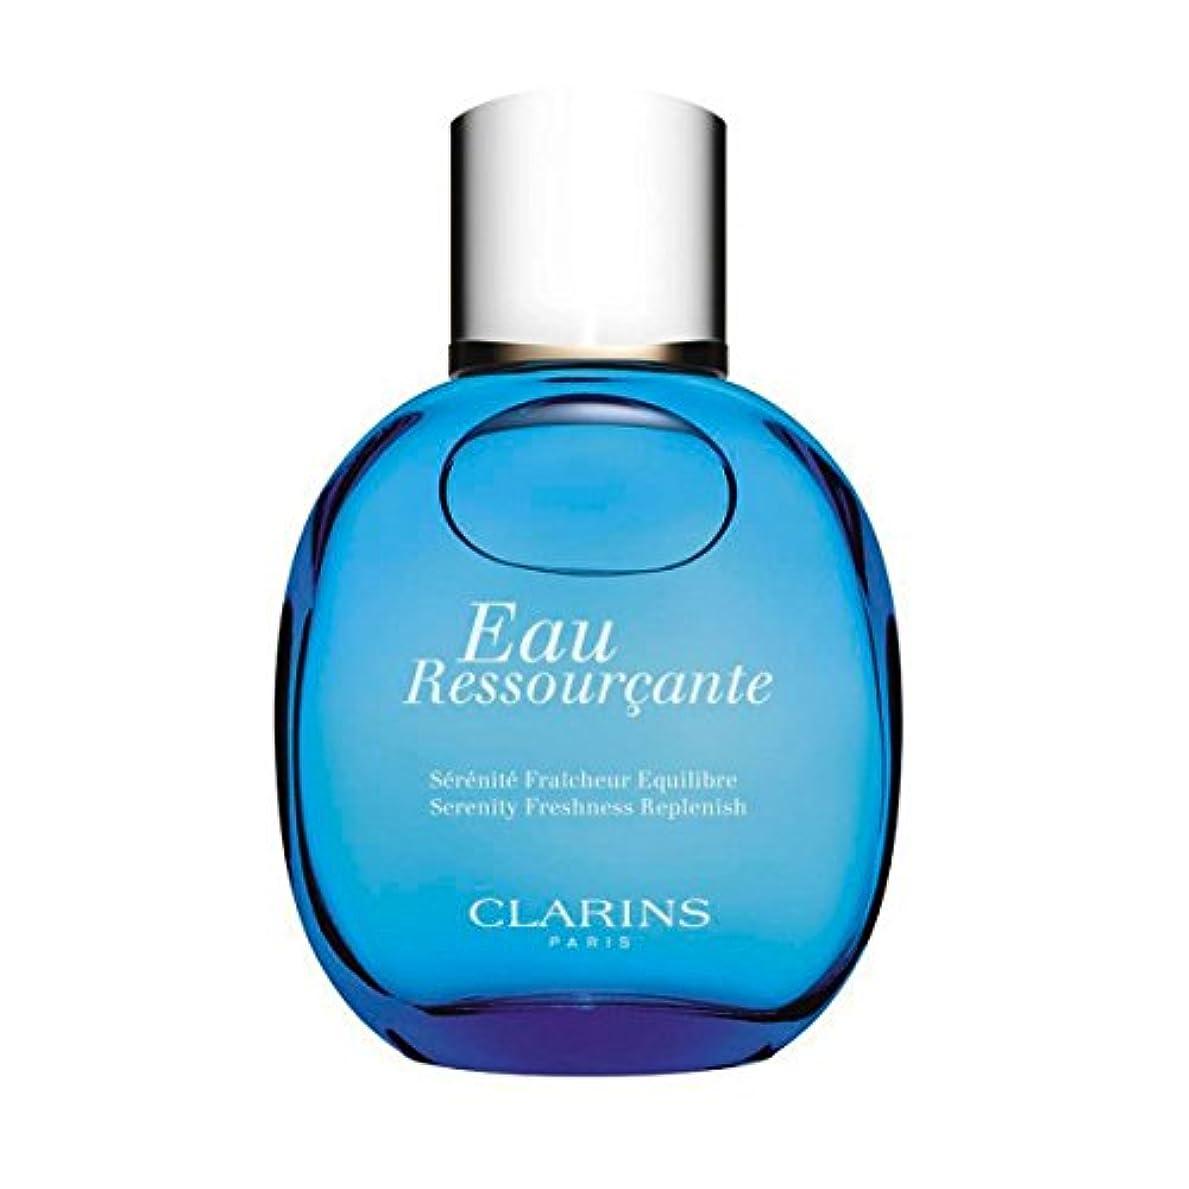 解釈ドメインずっとClarins Eau Ressour軋nte Treatment Fragrance 100ml [並行輸入品]